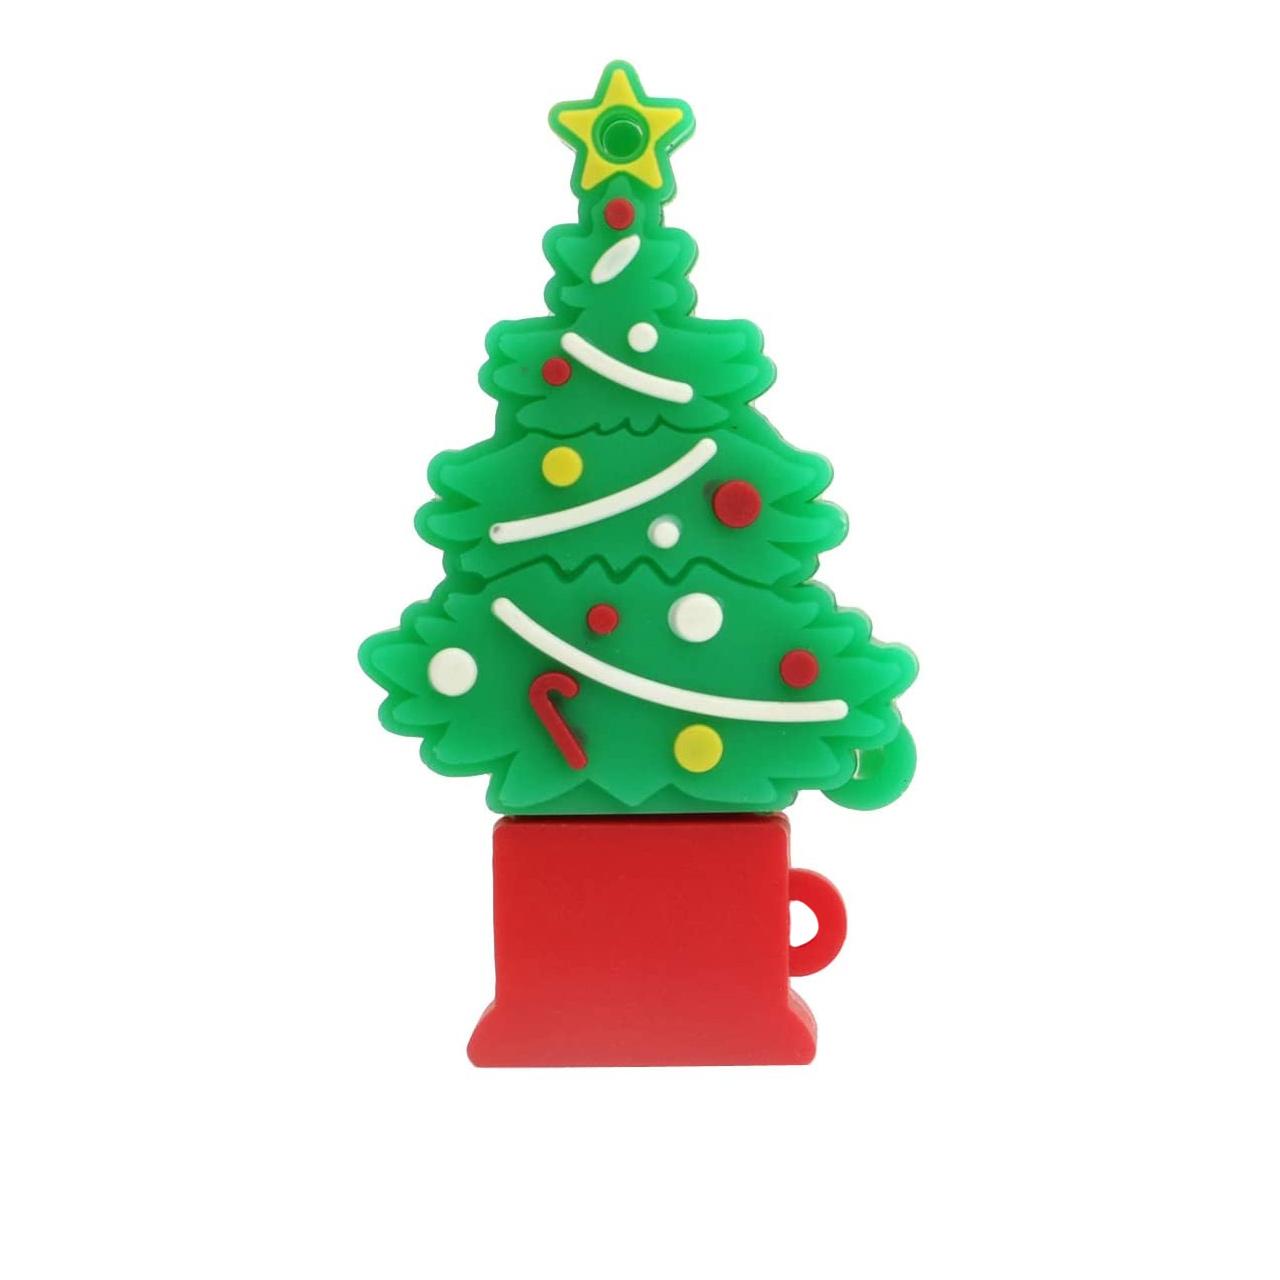 بررسی و خرید [با تخفیف]                                     فلش مموری طرح درخت کریسمس مدل DPL1013 ظرفیت 128 گیگابایت                             اورجینال